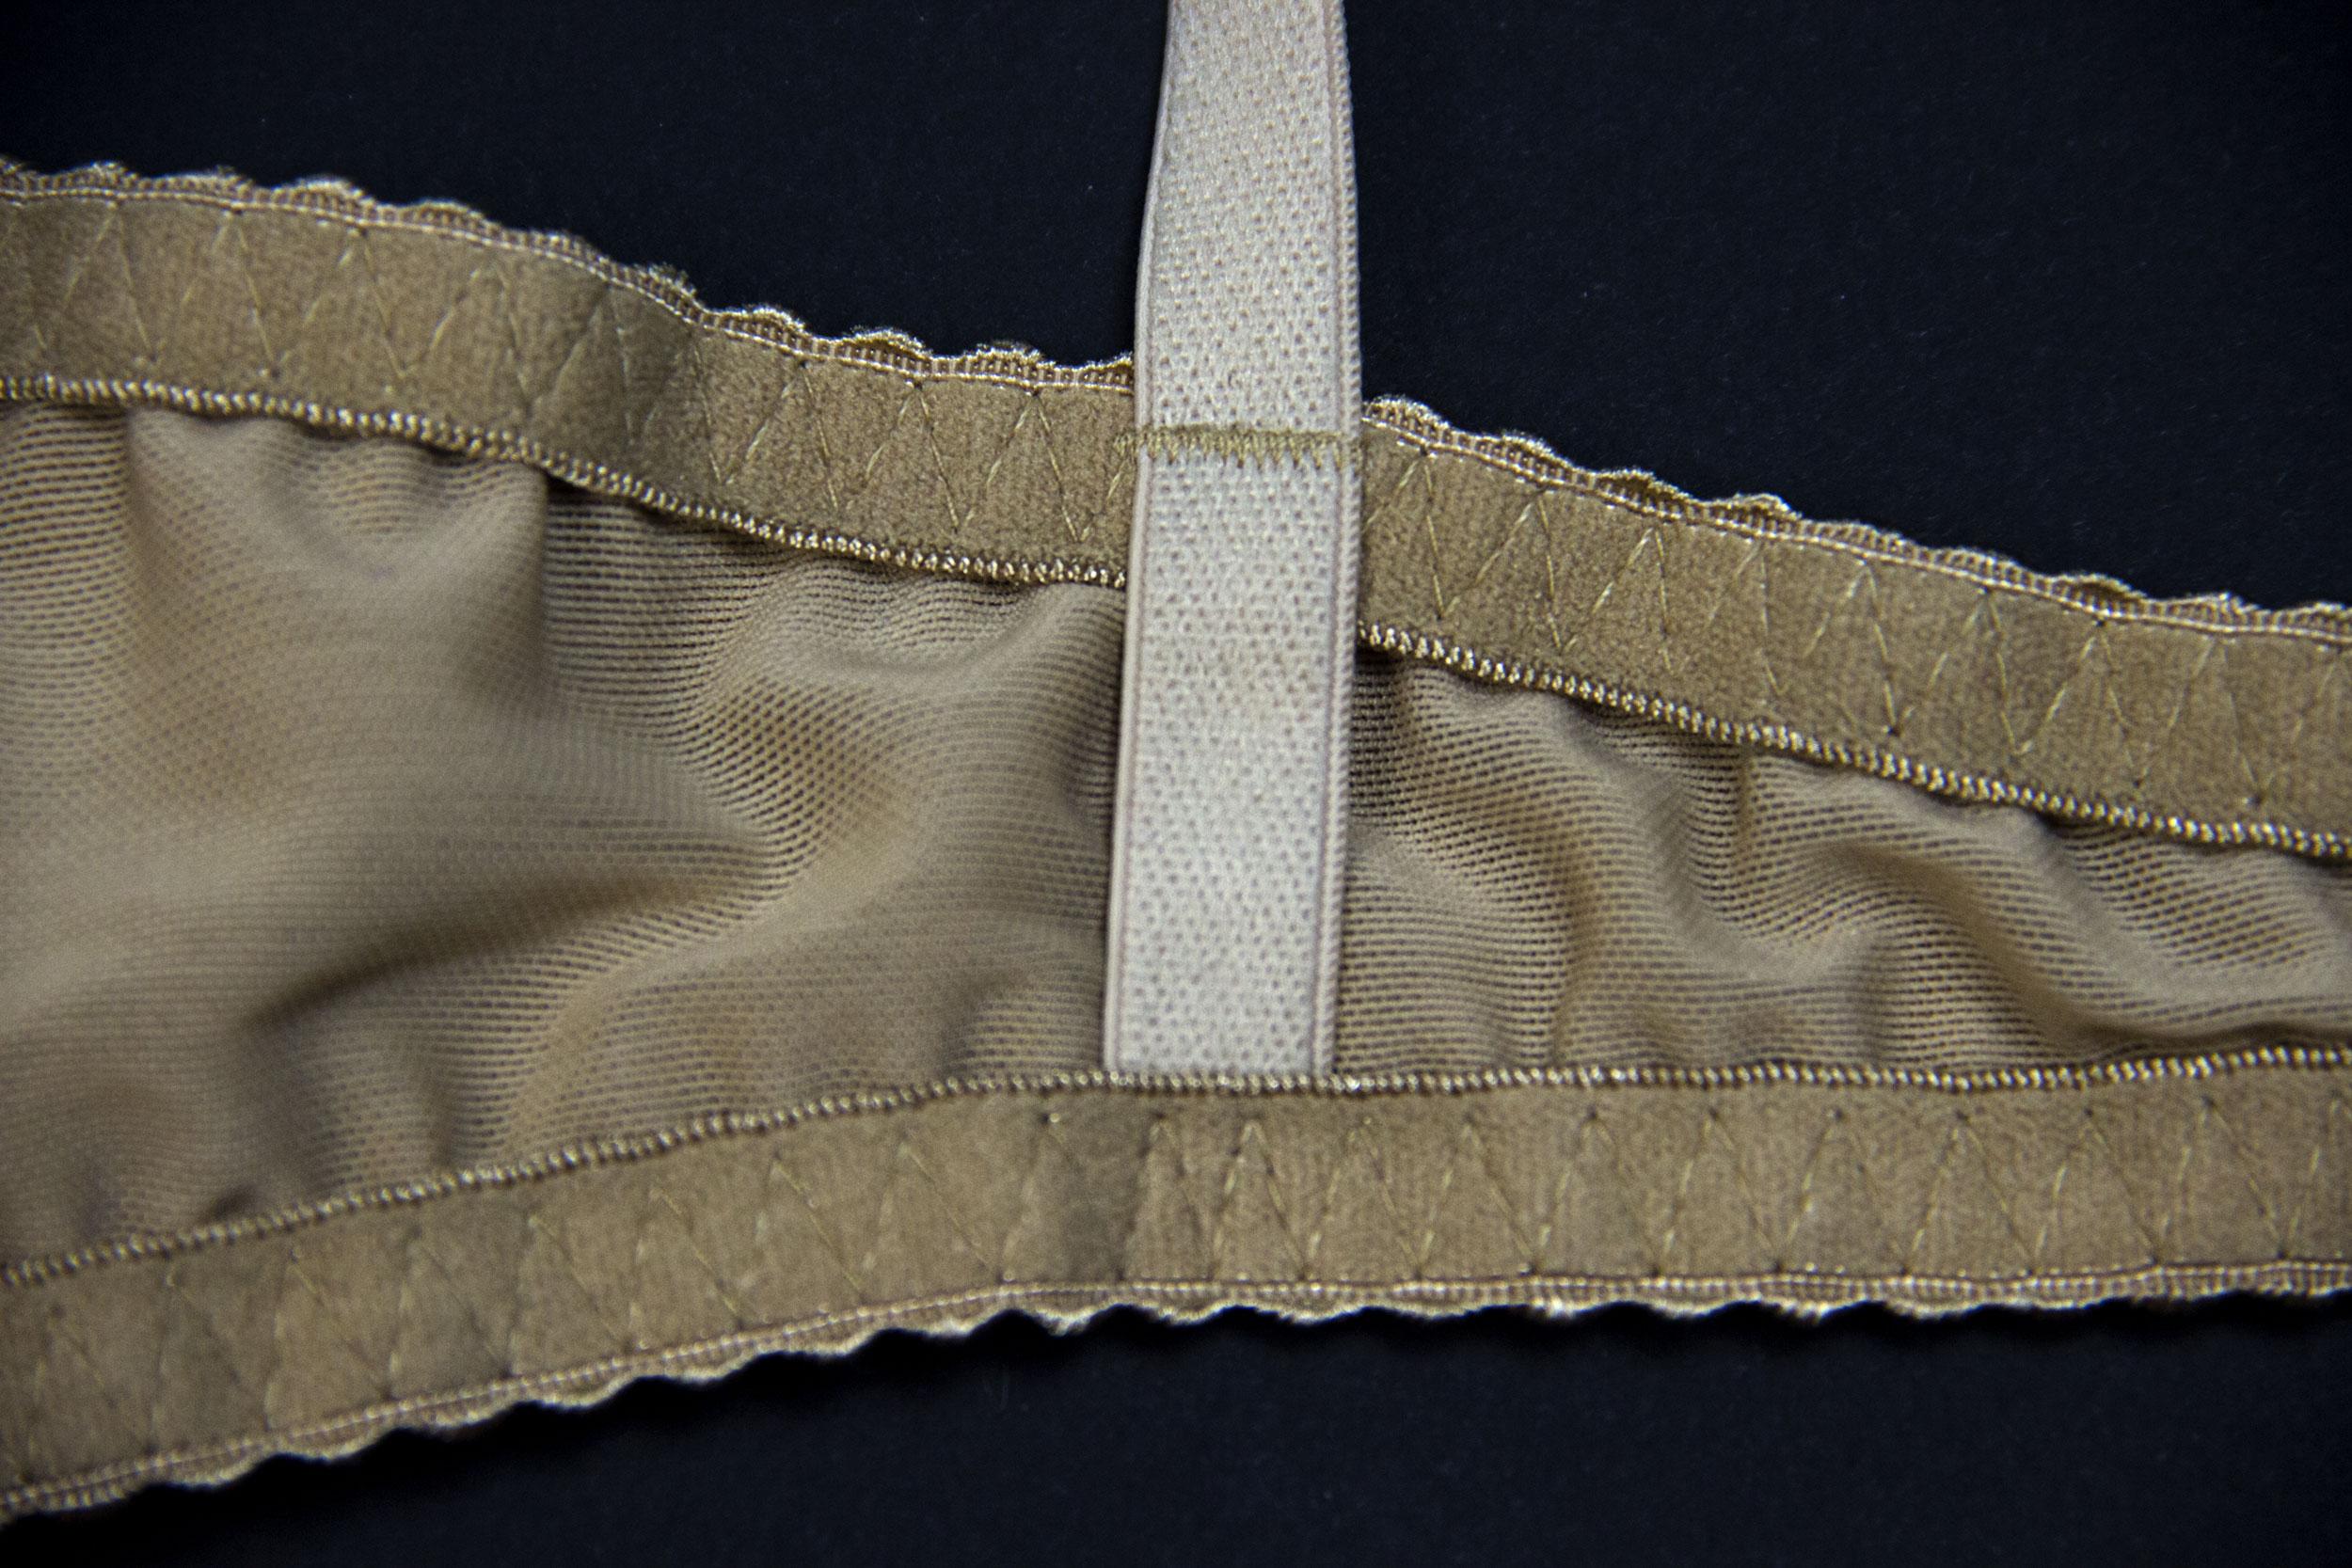 Обзор нижнего белья Fleur Of England в журнале GB {Garterblog.ru}